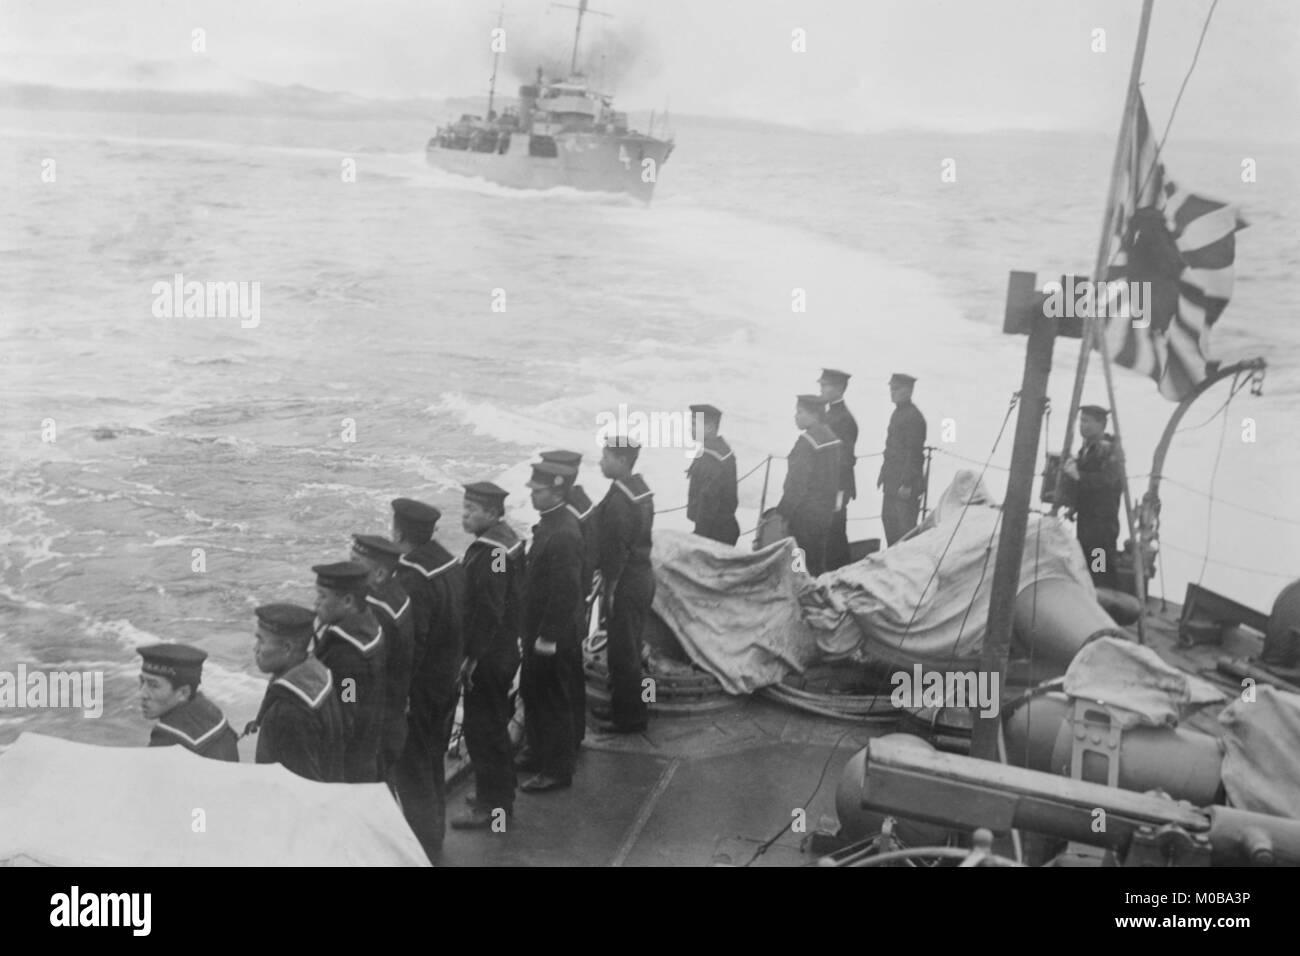 Equipaggio navale sulla nave giapponese saluta un altro e mosche di Admiralty Bandiera Immagini Stock